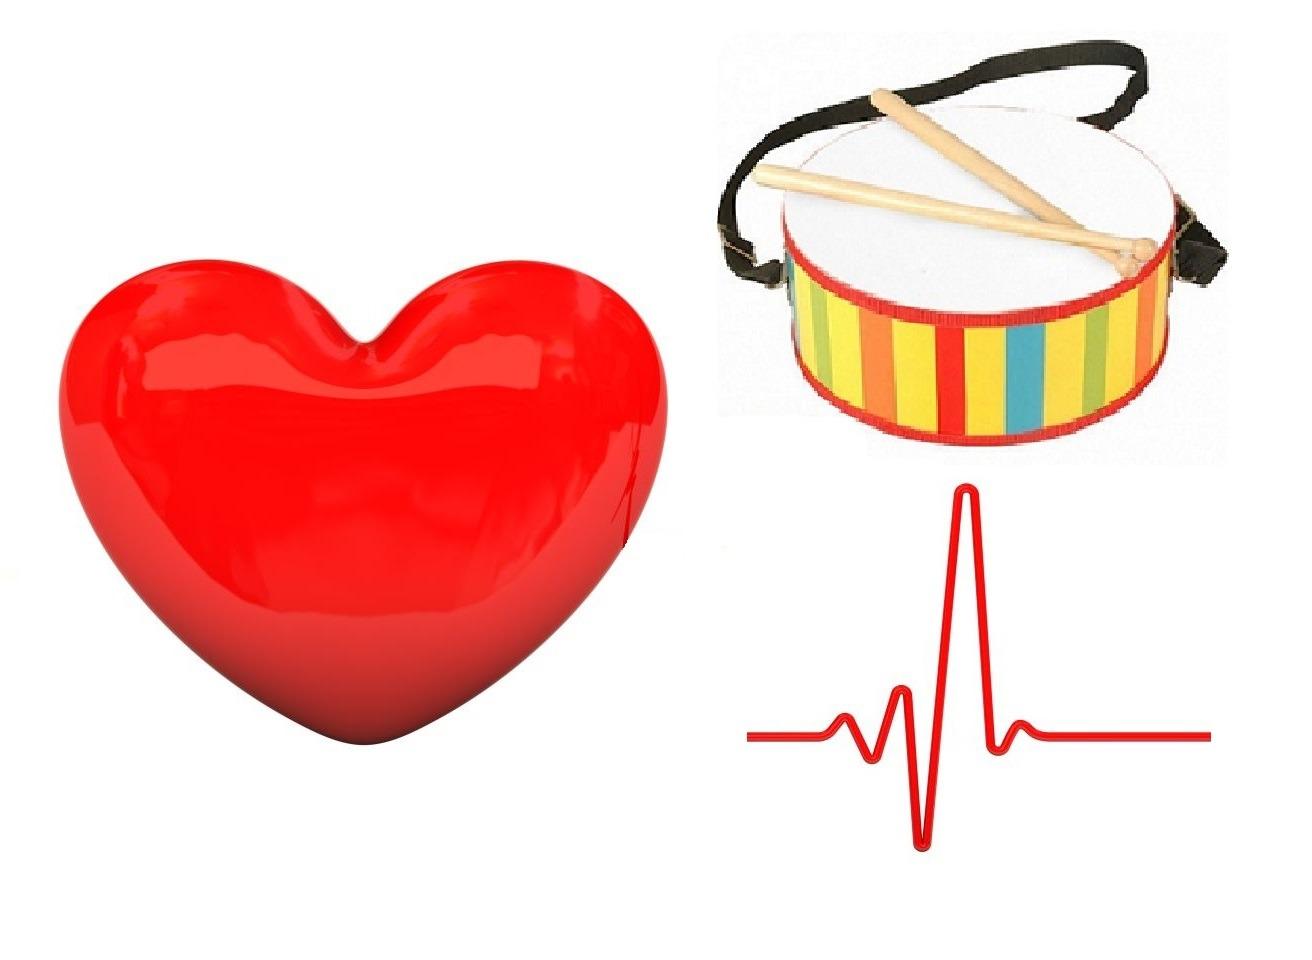 Сбой ритма сердца причины лечение что делать диагноз и краткая характеристика